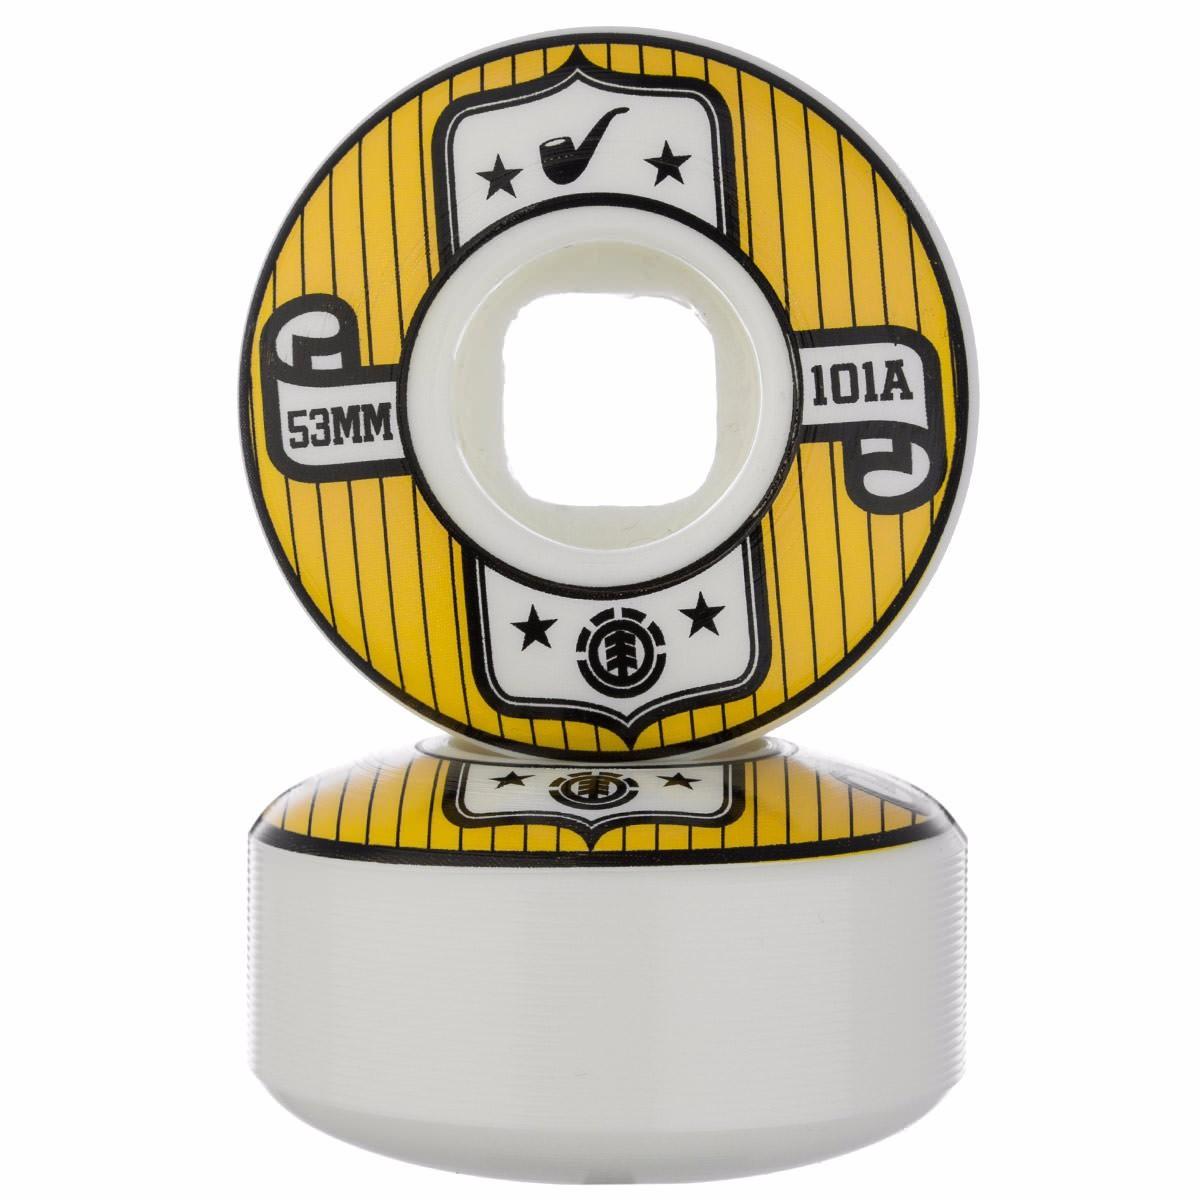 Roda Element Branca 53mm 101a